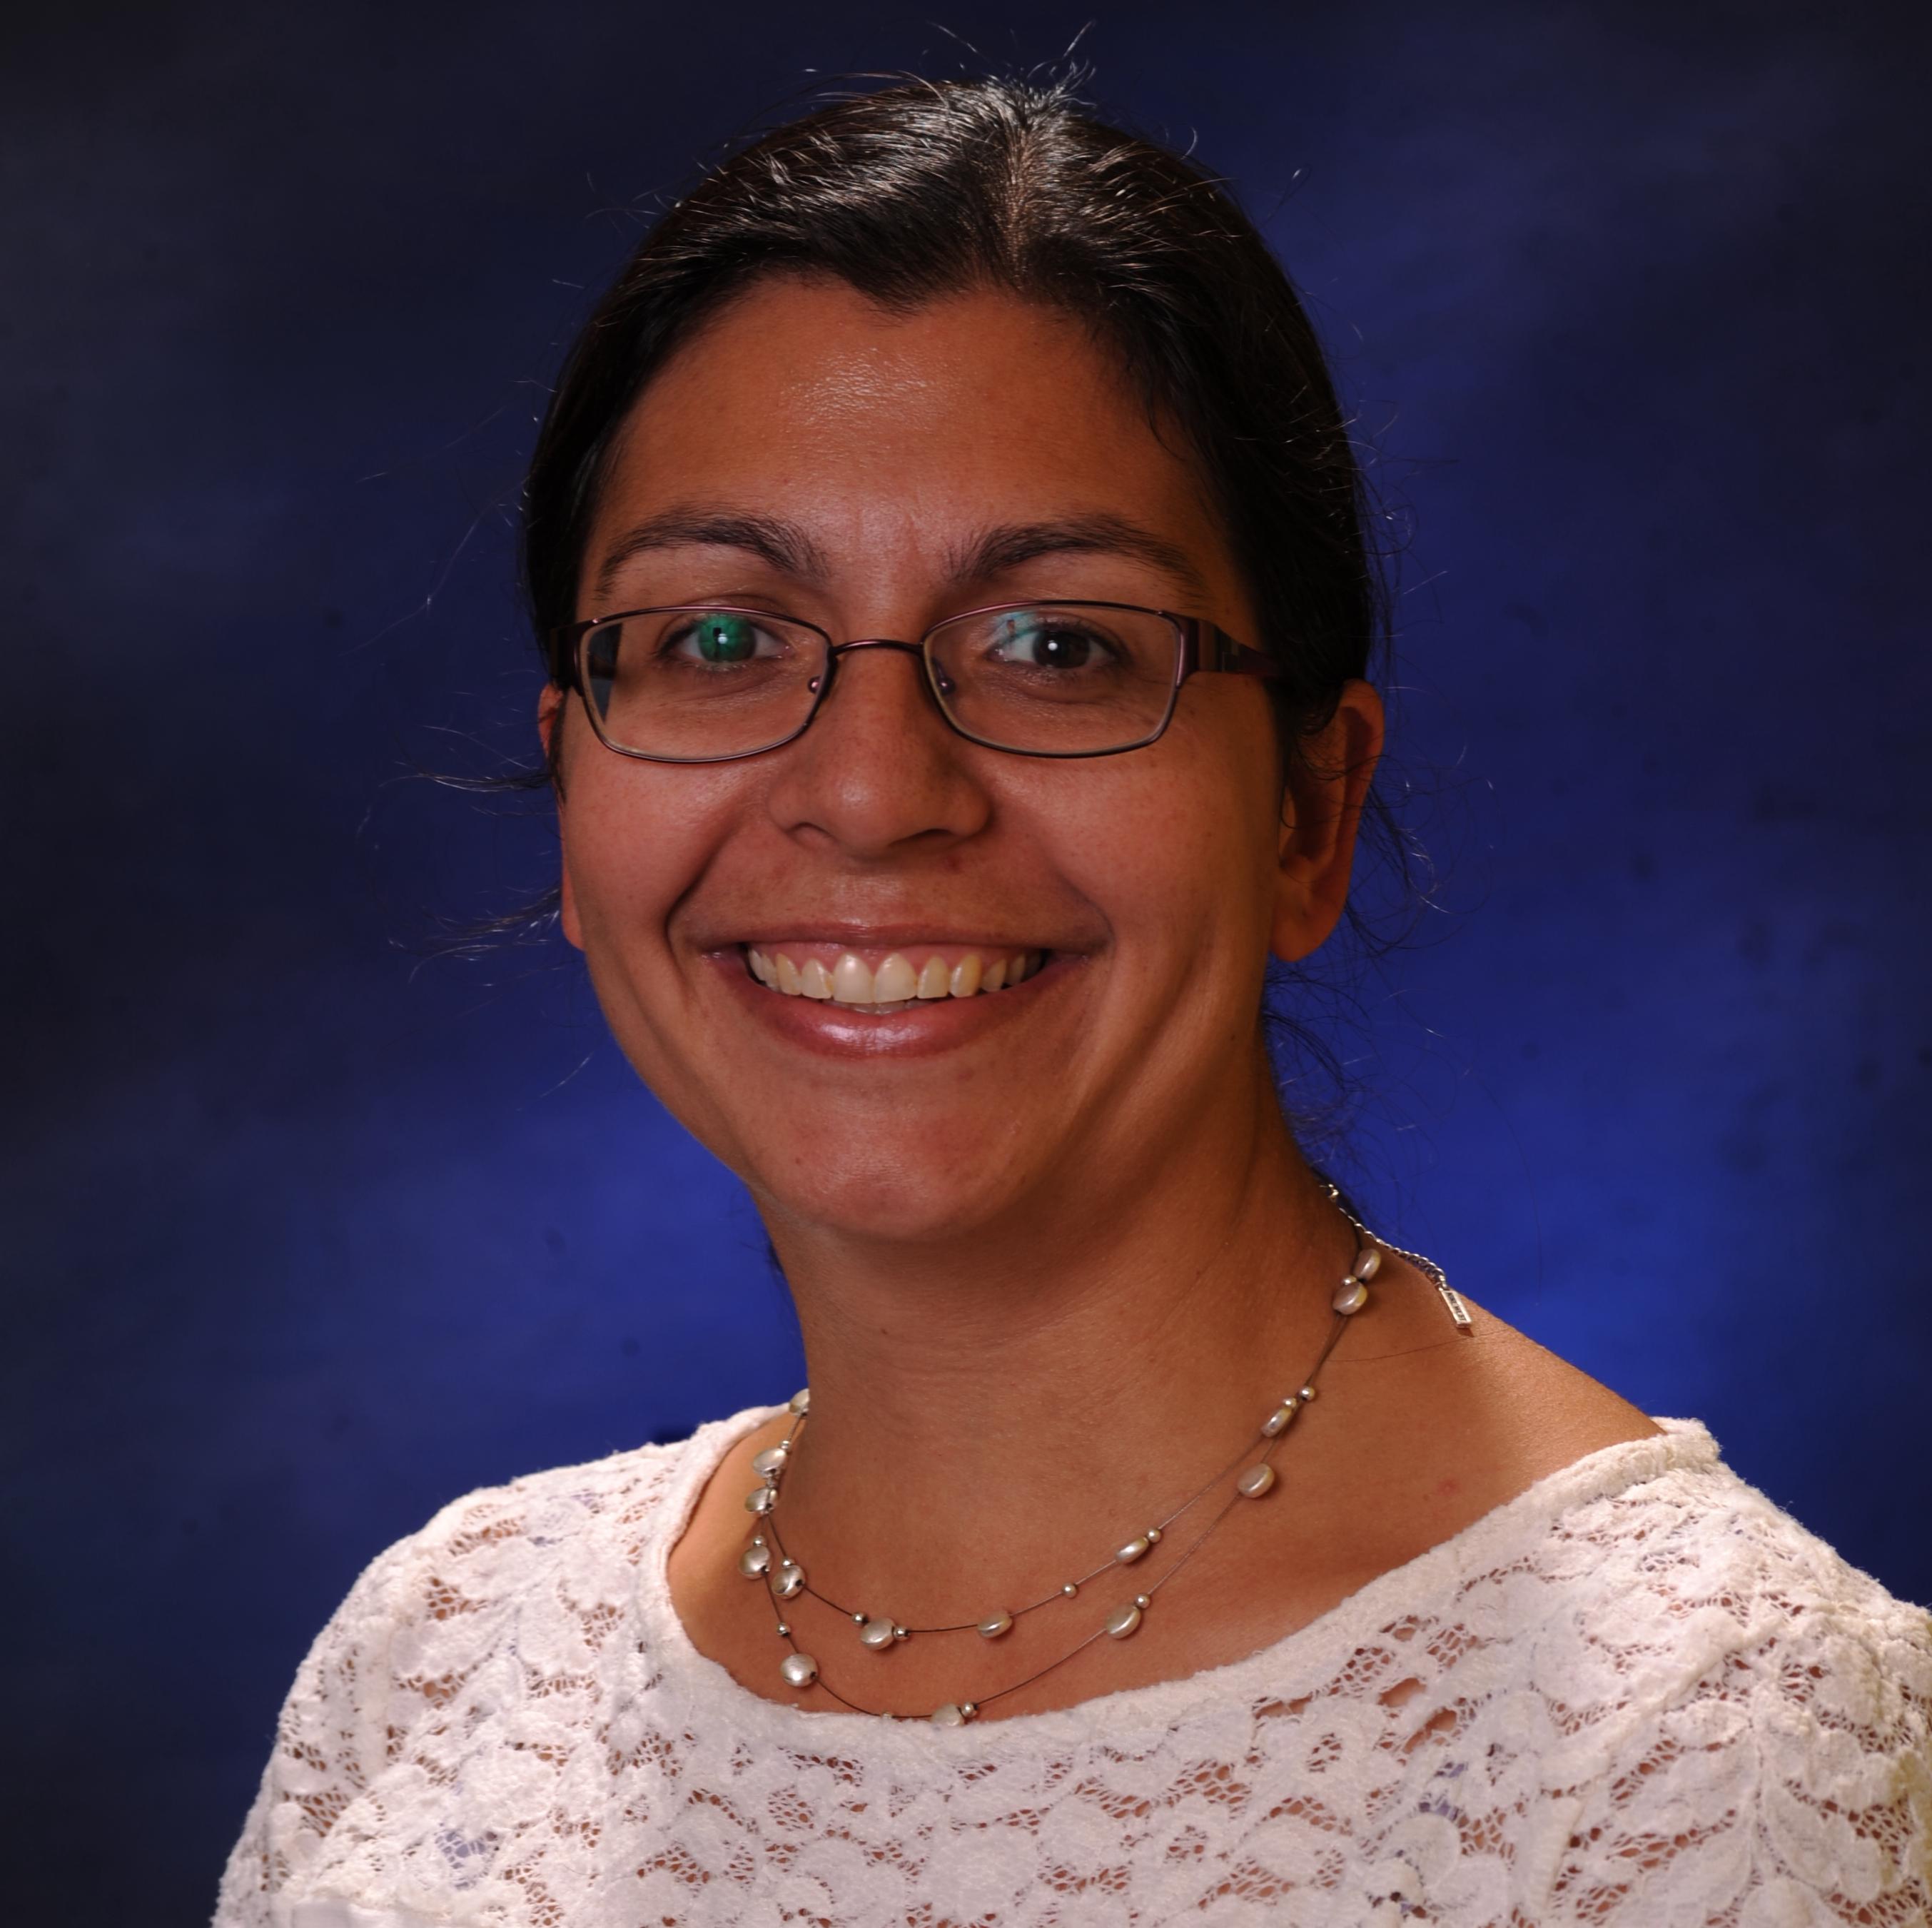 Profile picture of Anita Zuberi